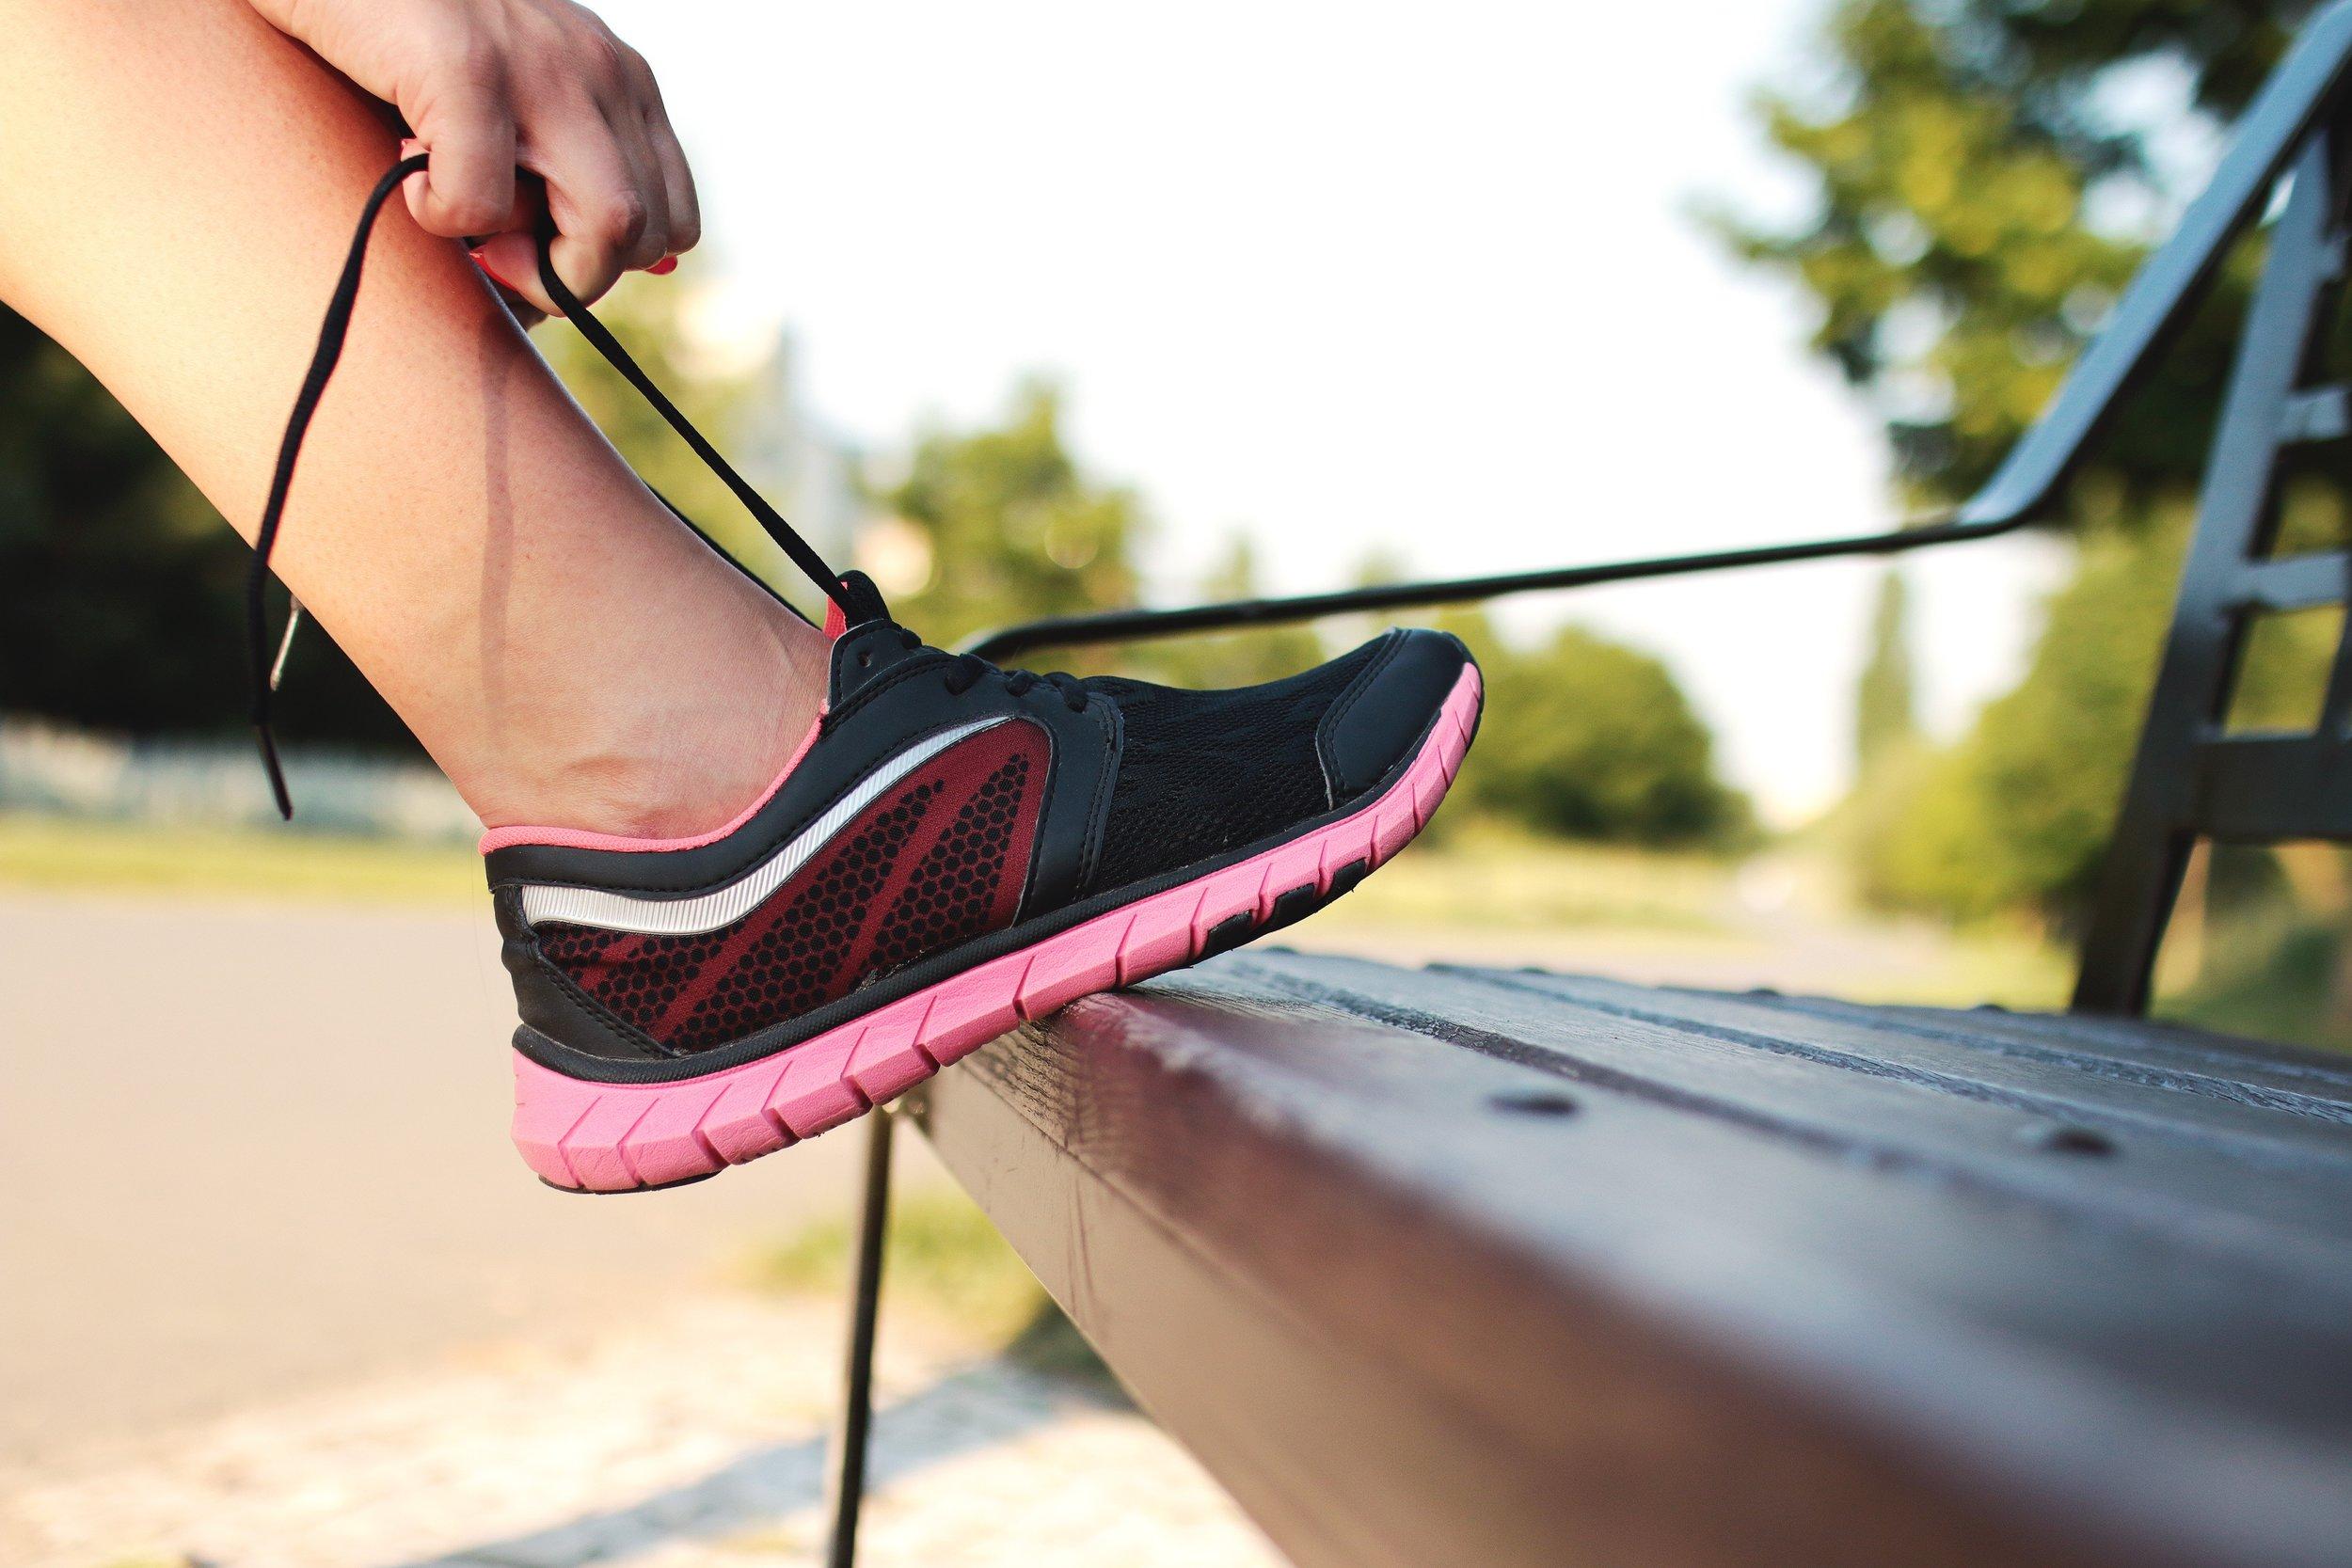 exercise-hobby-jog-7432.jpg